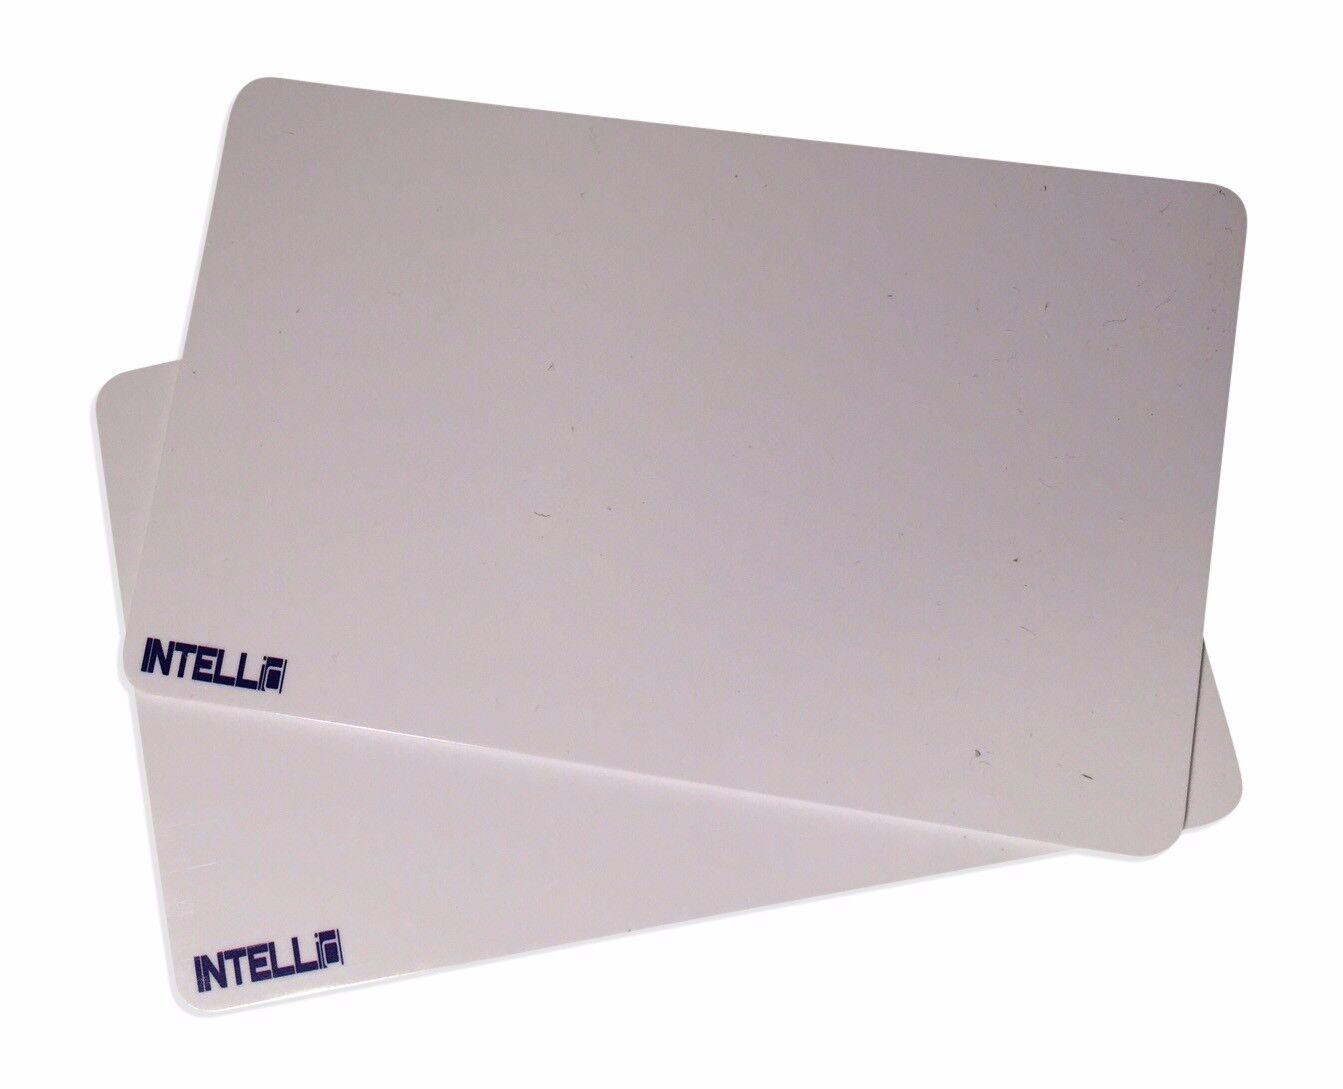 200 Pcs EV1 4K MIFARE® Cards